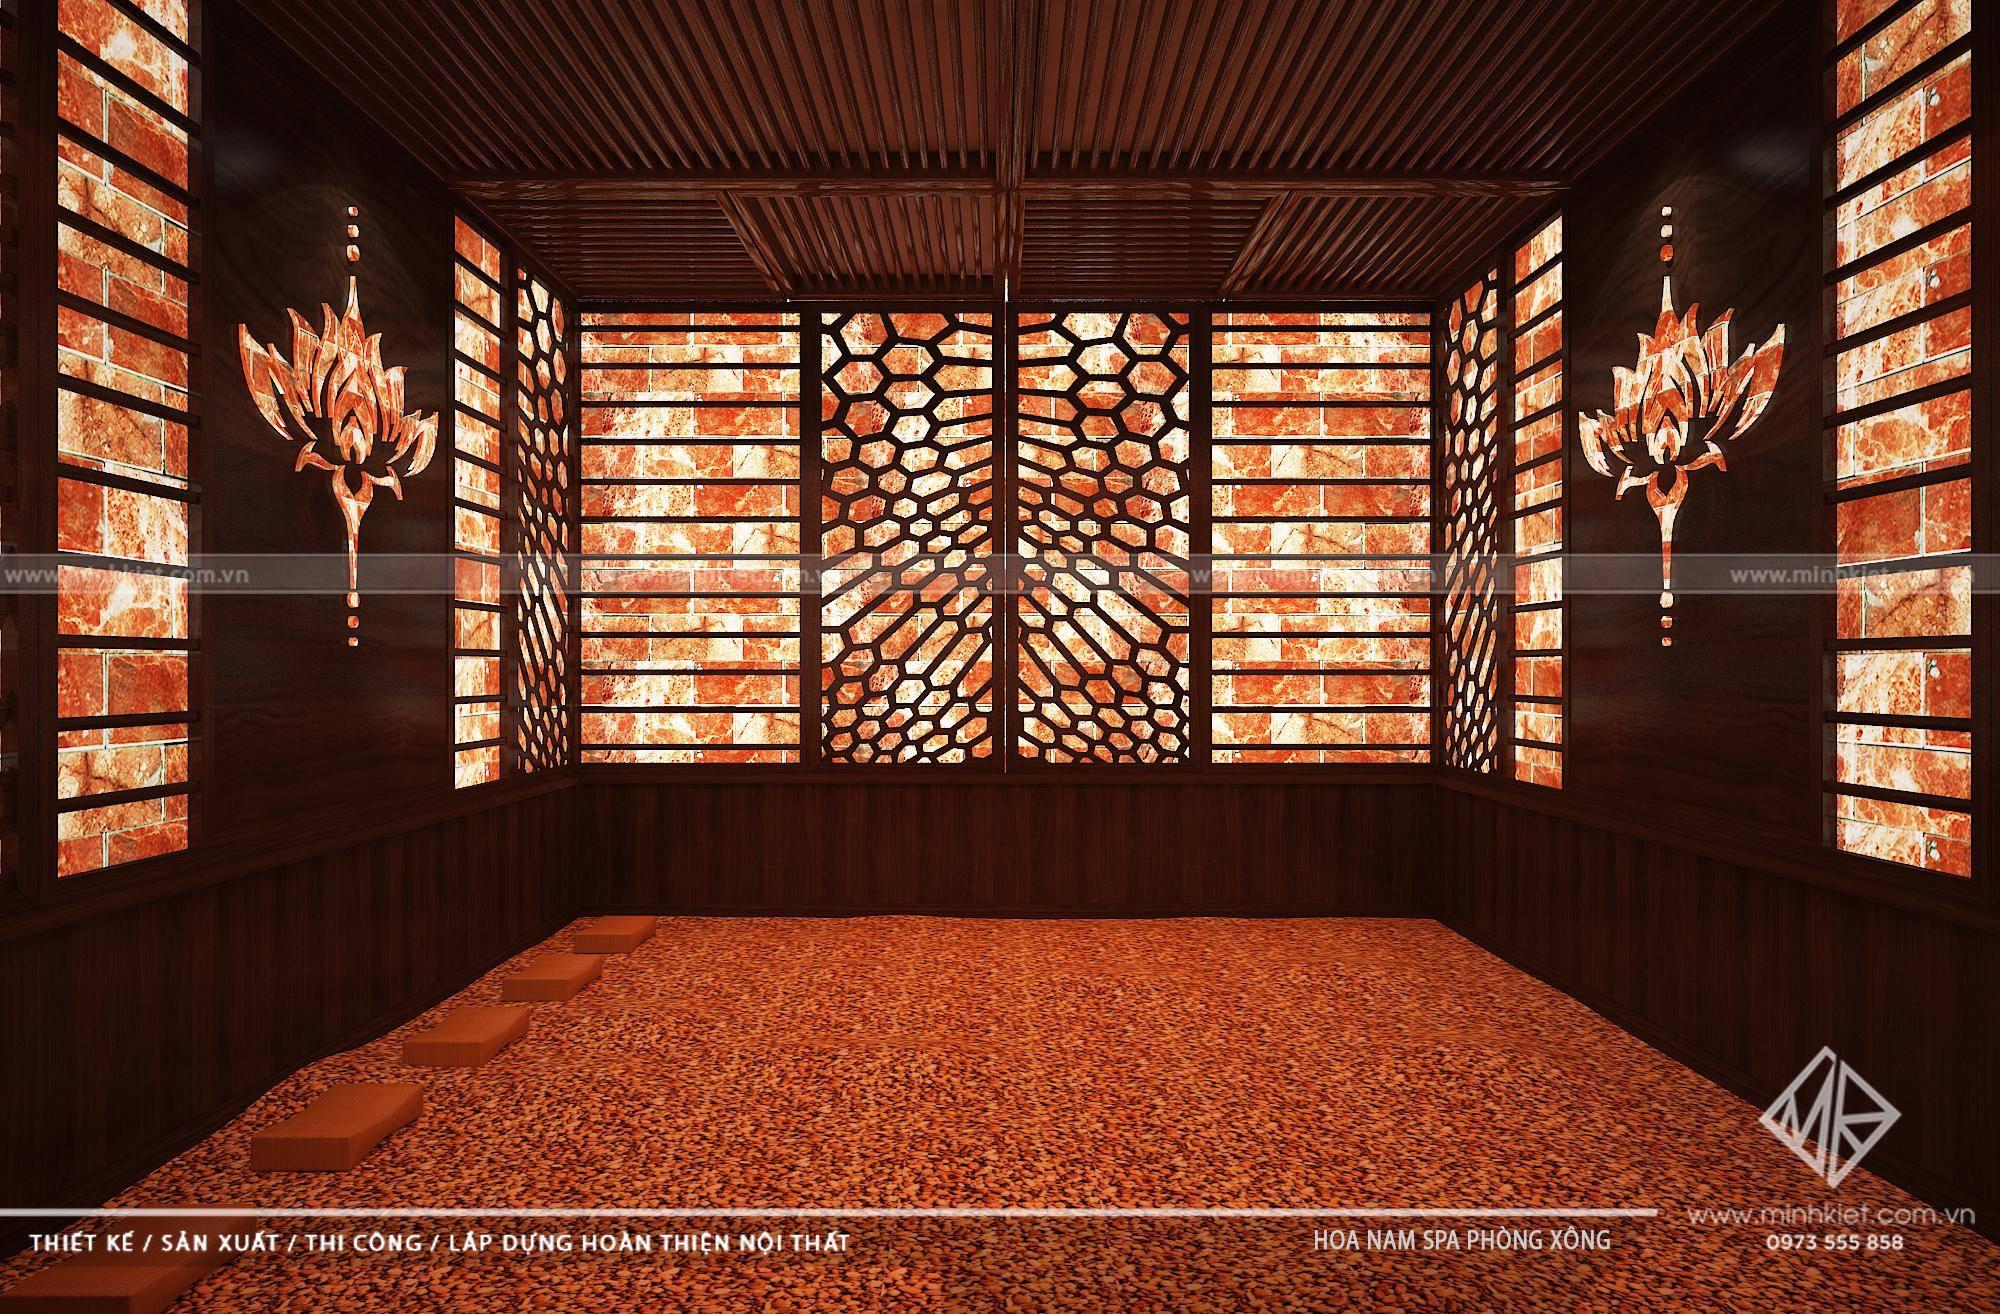 Thiết kế sảnh Massage Hoa Nam tây hồ hà nội